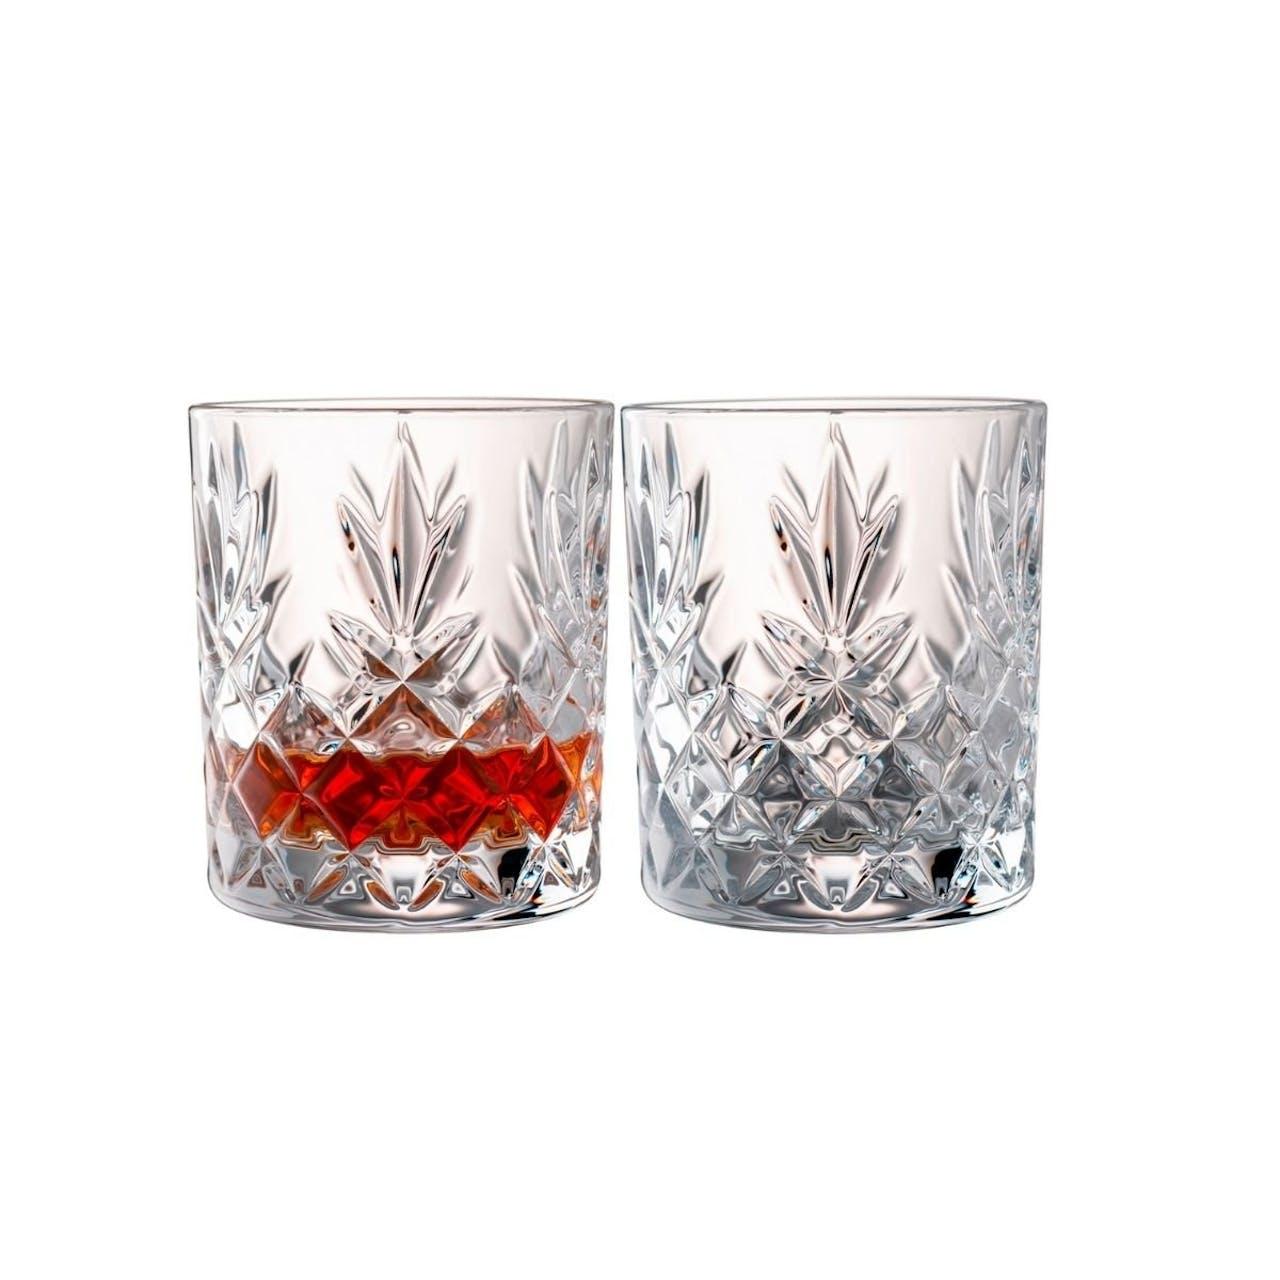 Galway Renmore Whiskey Tumbler Set of 2